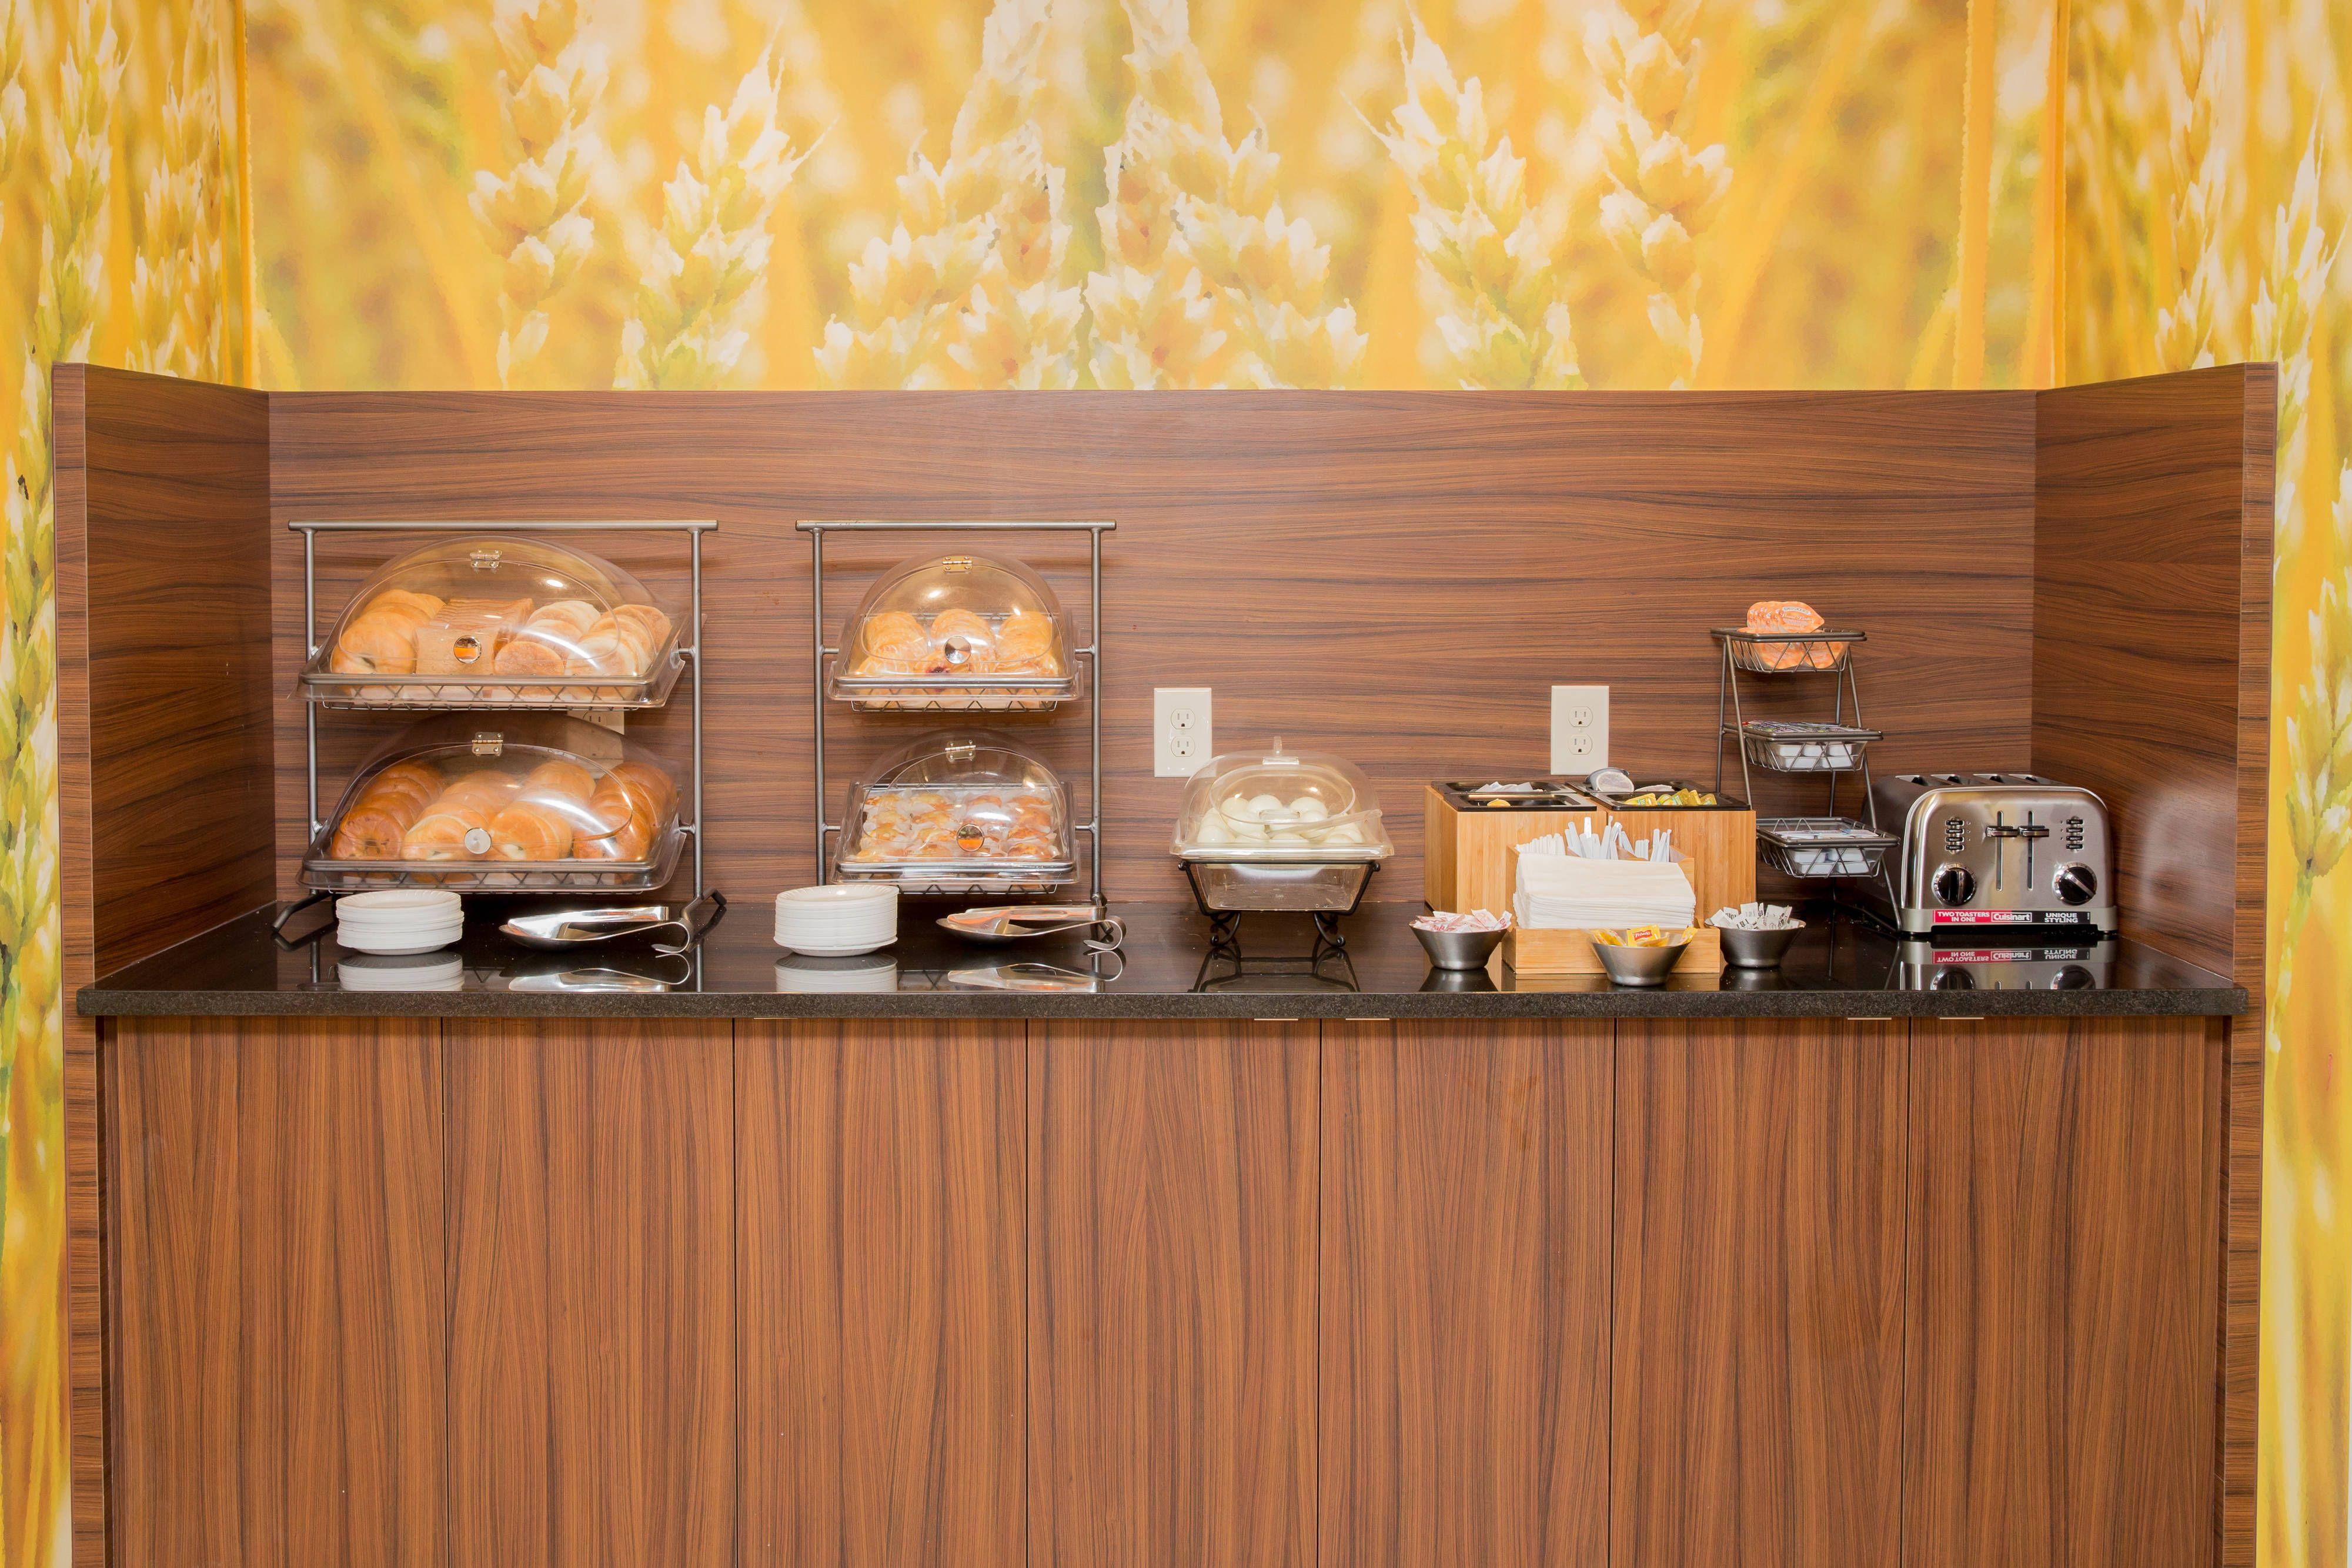 Fairfield inn lumberton breakfast buffet holiday rooms